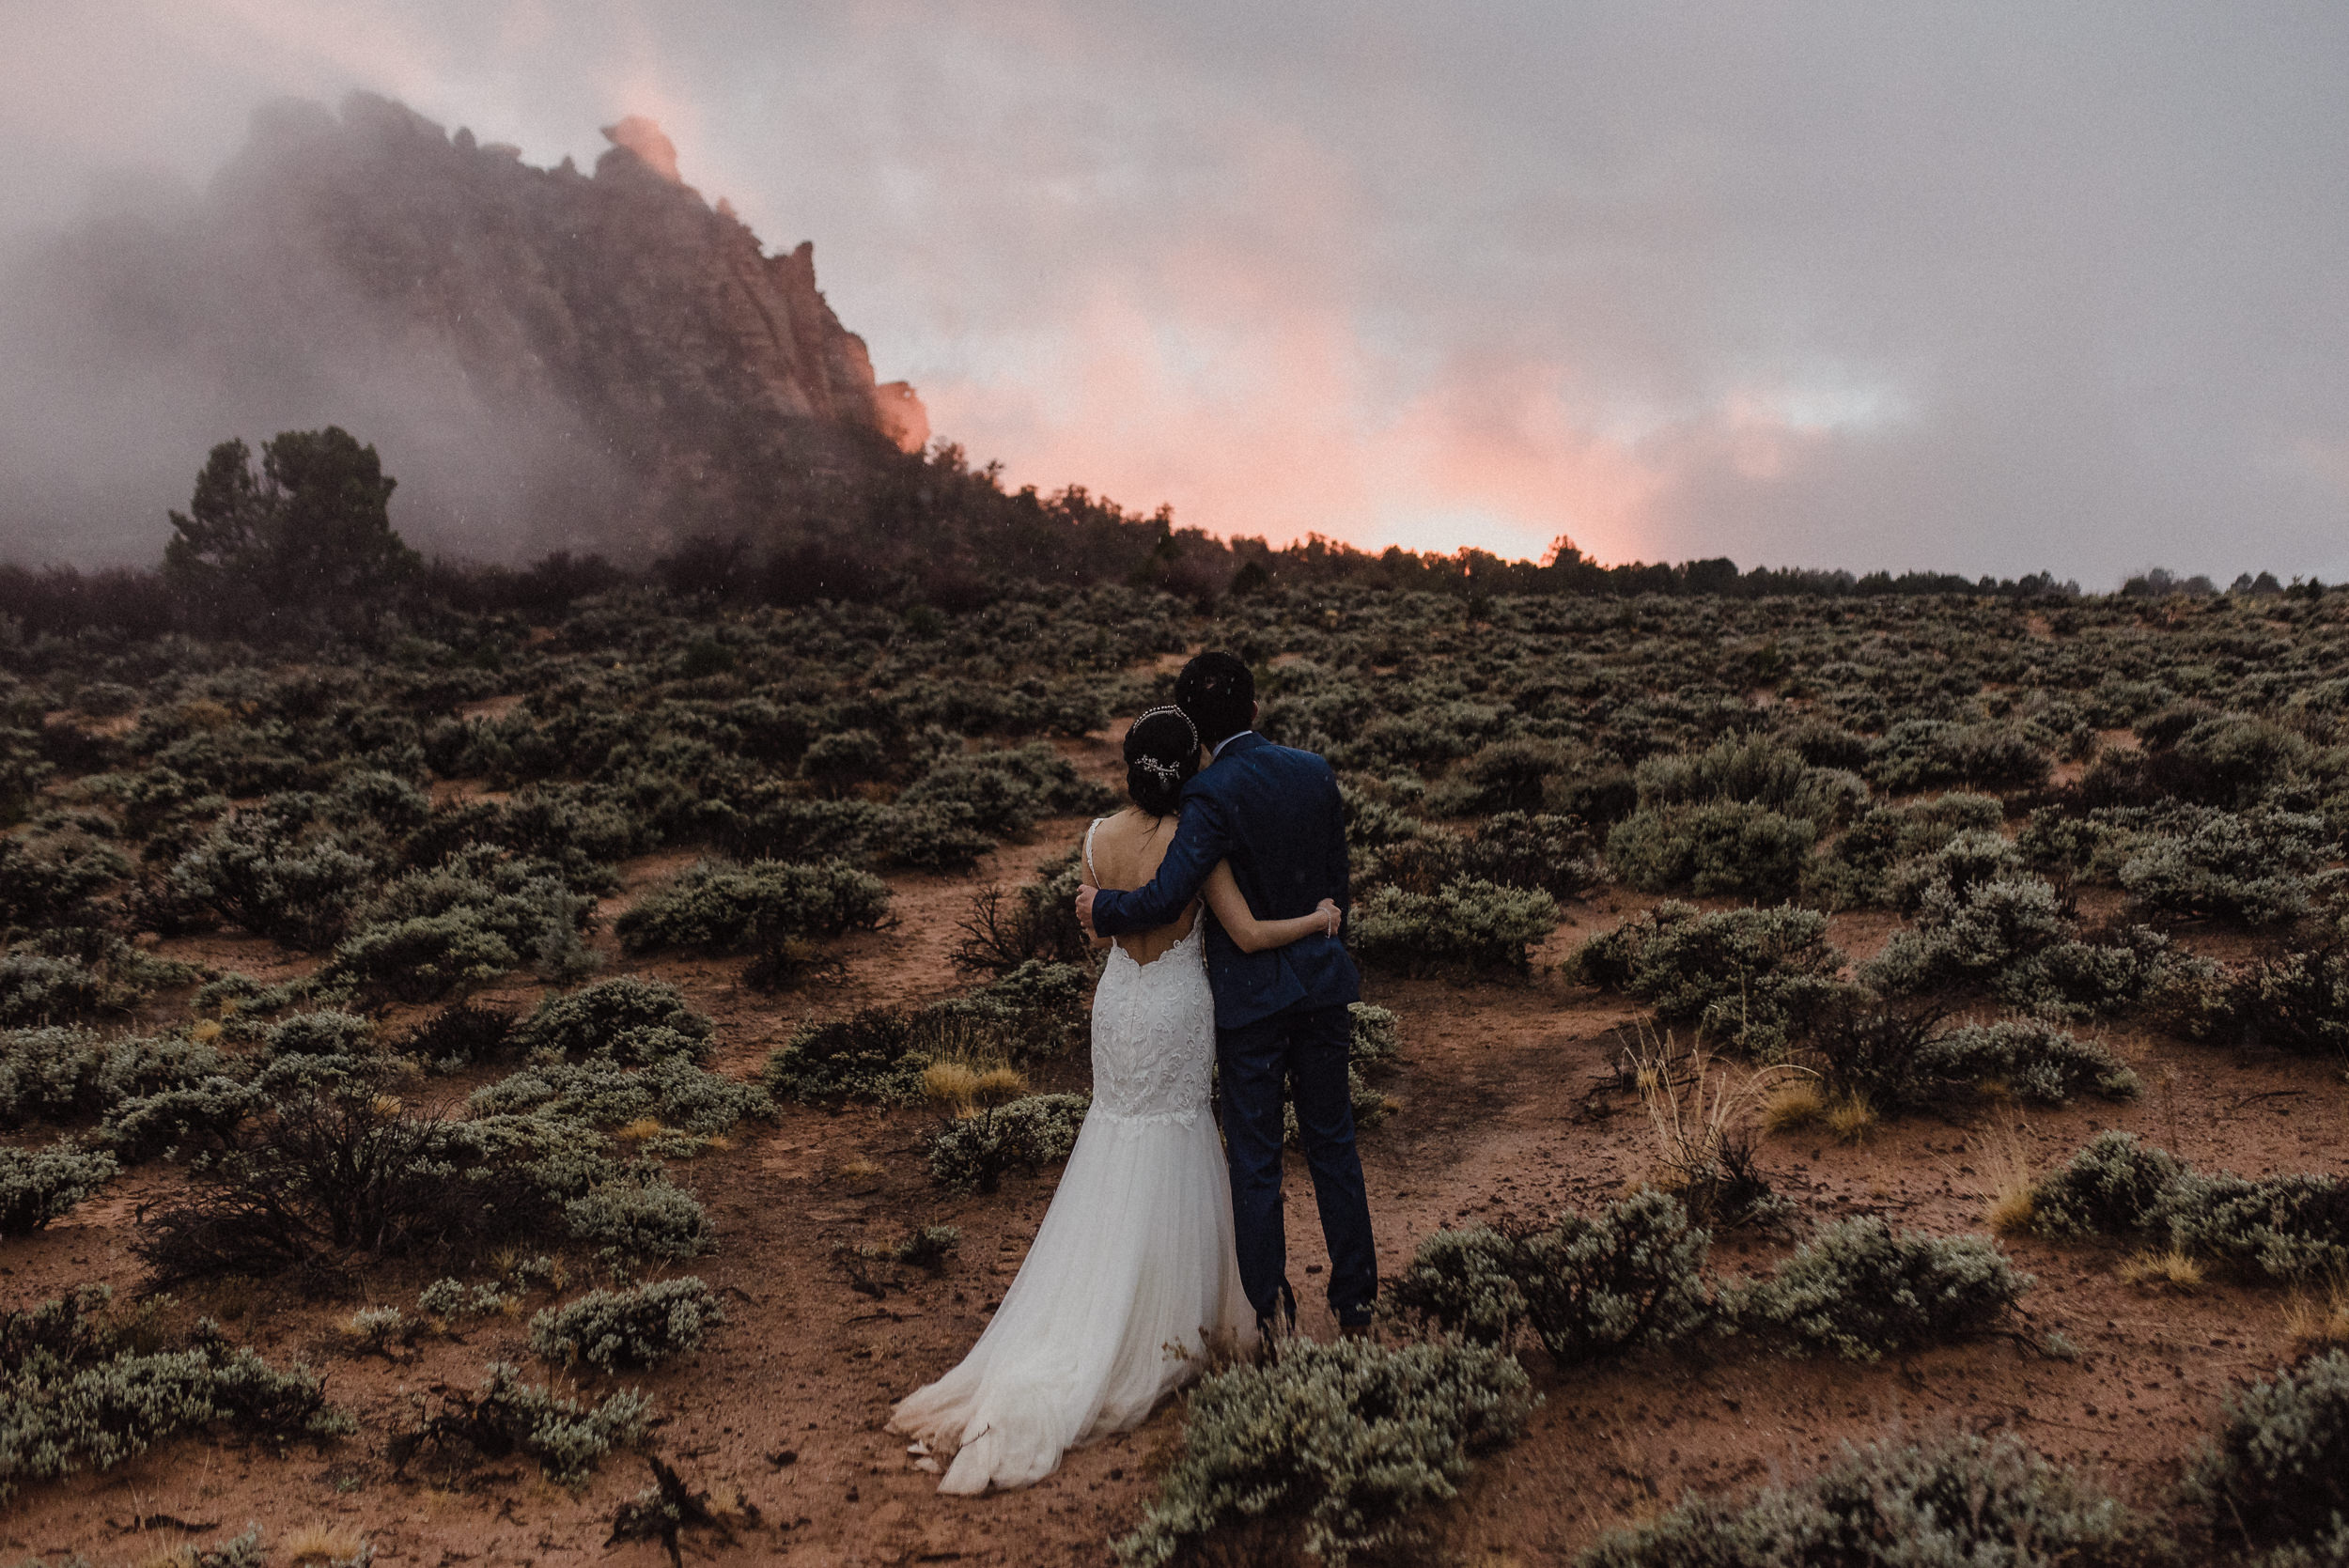 LiatAharoni-utah-elopement-129.jpg